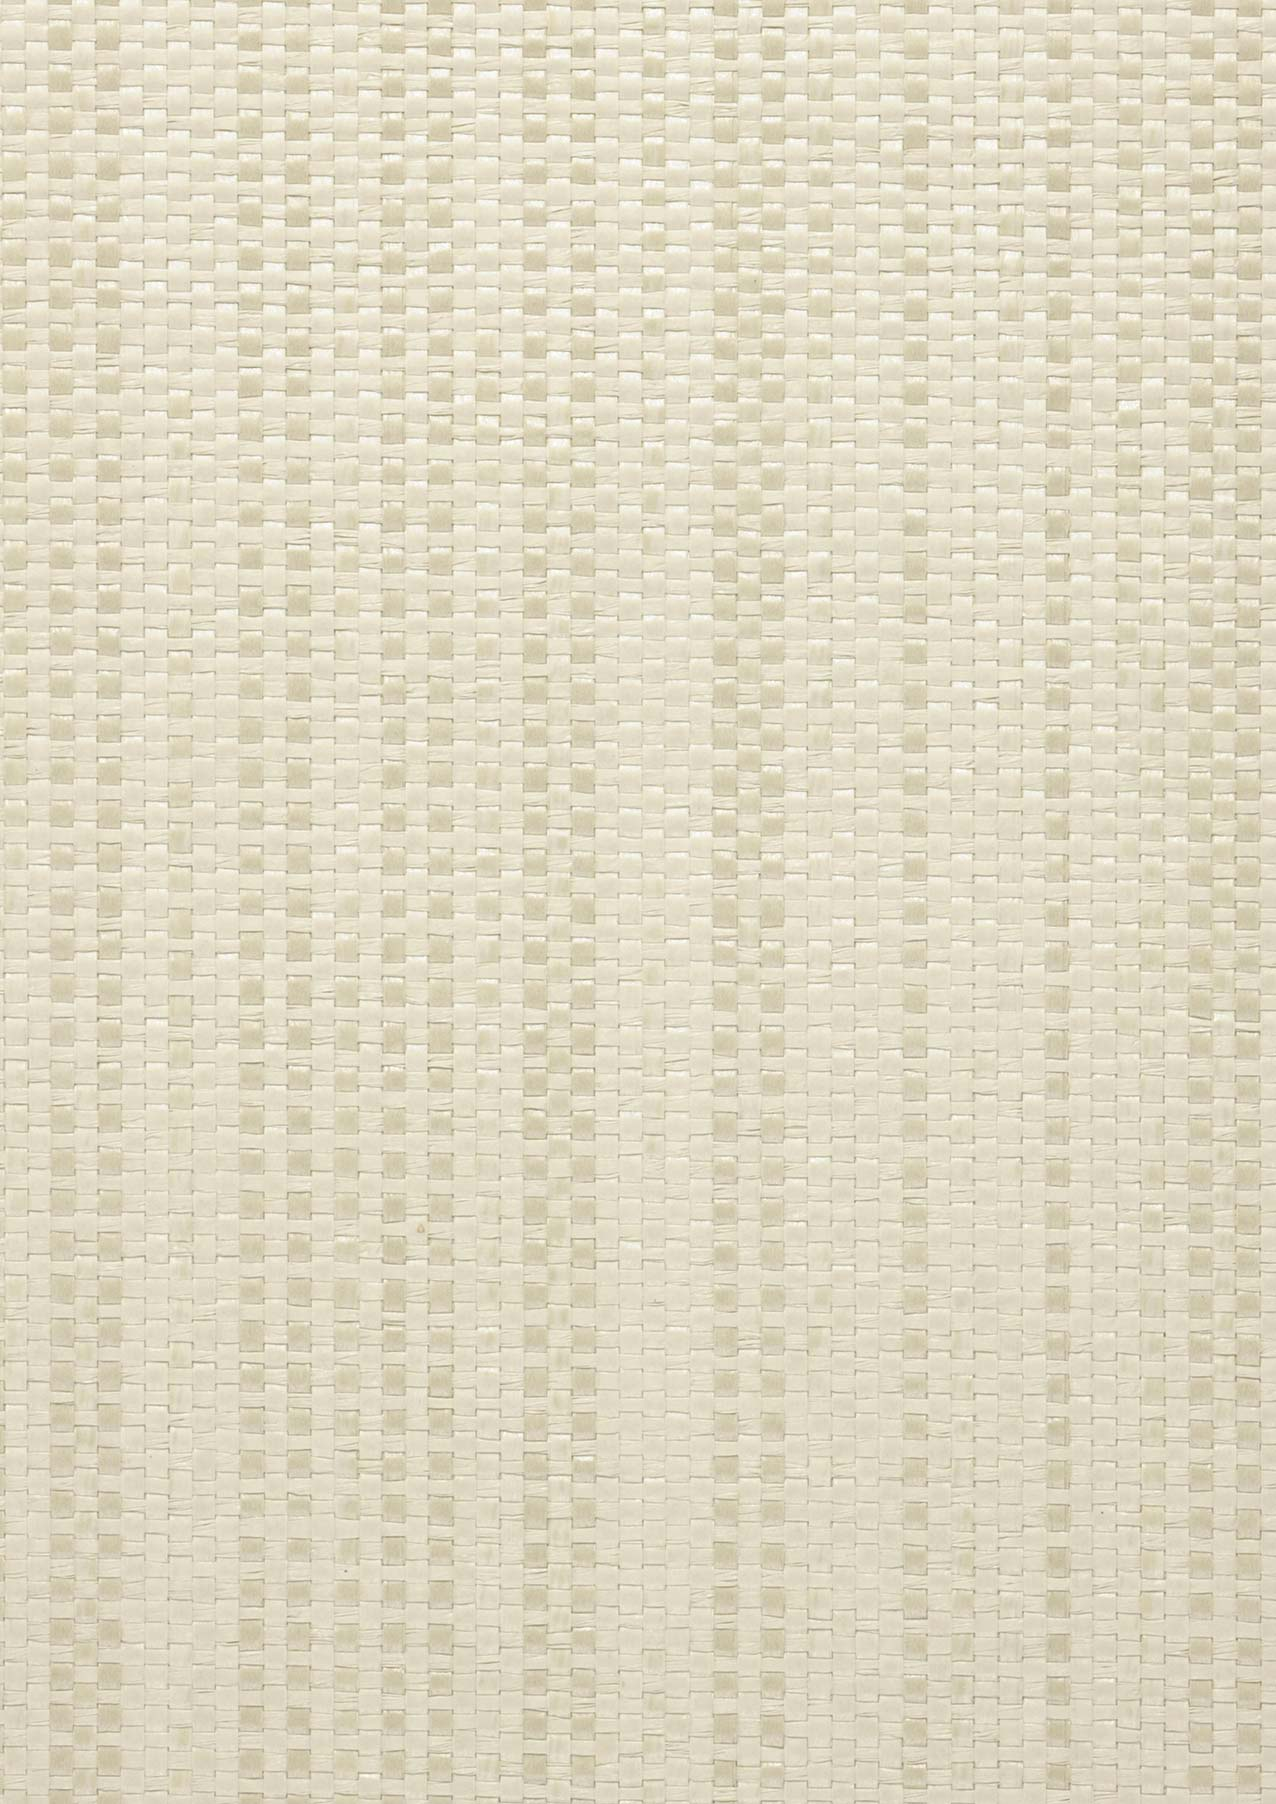 tapete paper weave 02 blassbeigegrau creme tapeten der 70er. Black Bedroom Furniture Sets. Home Design Ideas